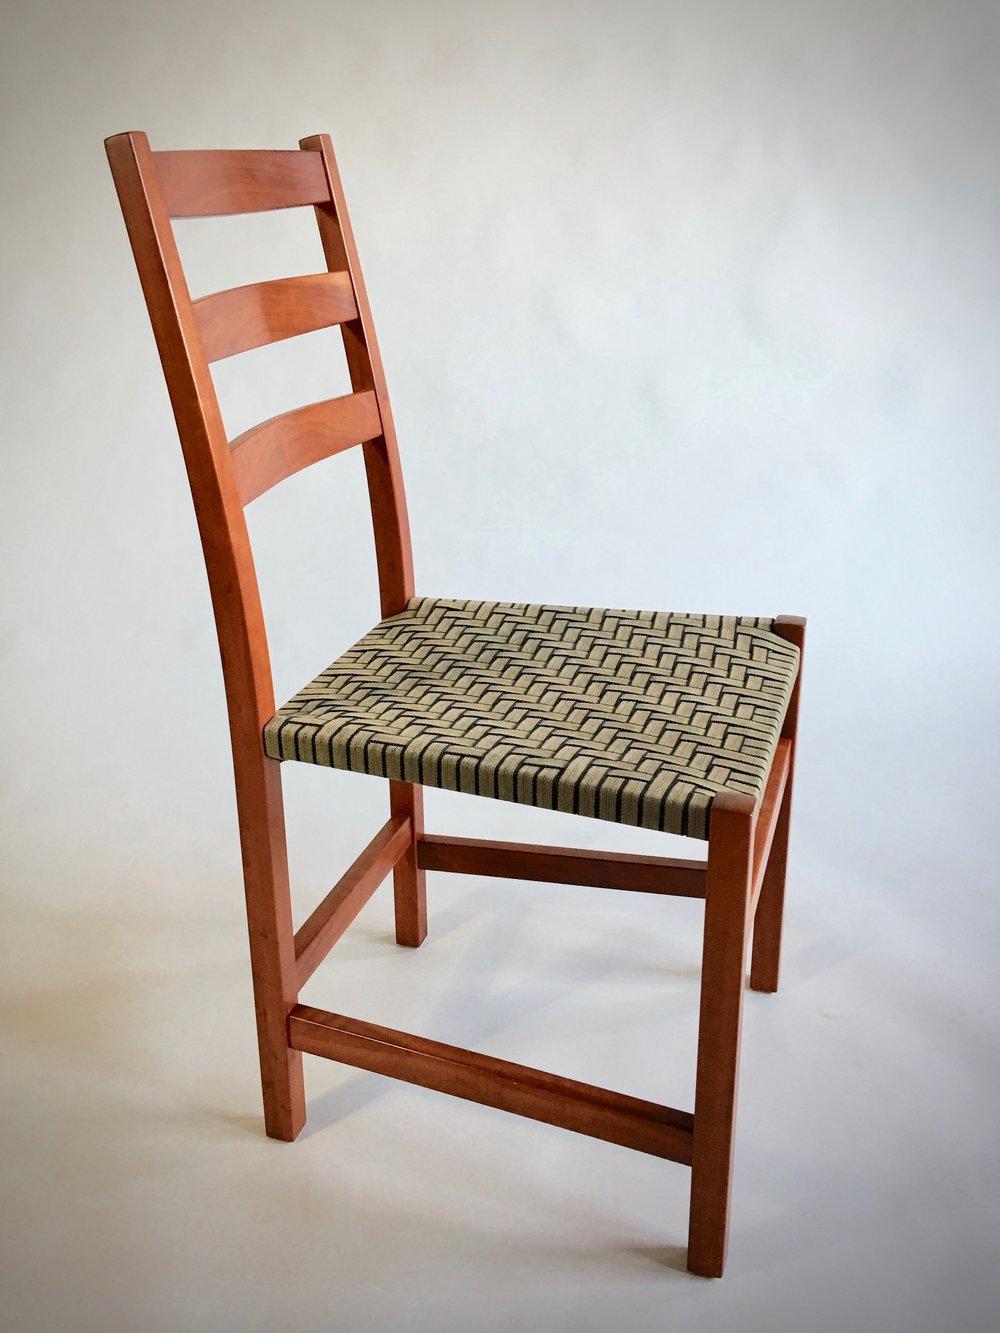 Incroyable Philadelphia Furniture Workshop